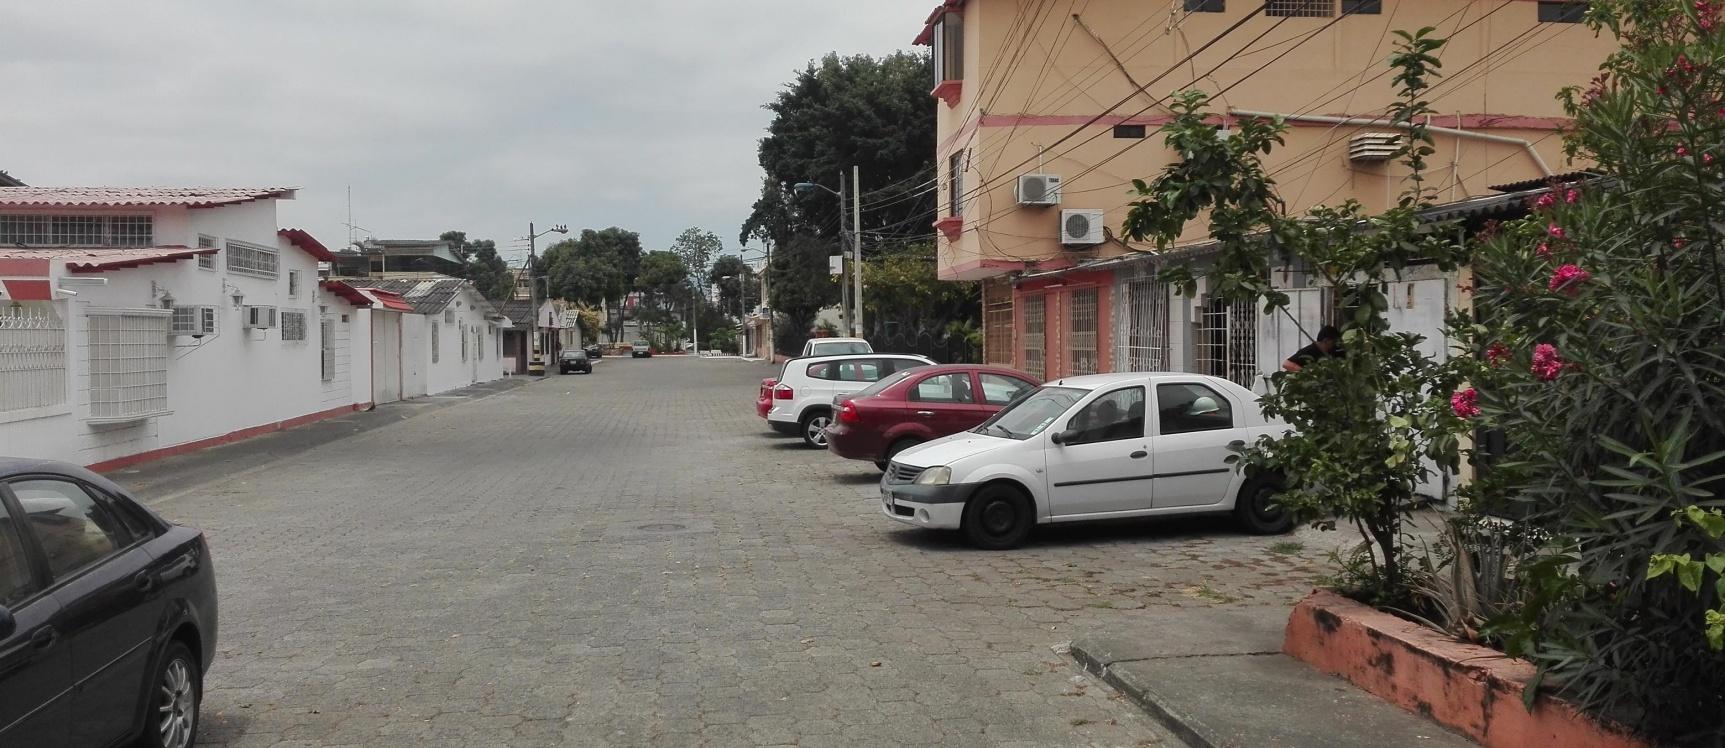 GeoBienes - Vendo casa en Alborada, con suite adicional - Plusvalia Guayaquil Casas de venta y alquiler Inmobiliaria Ecuador